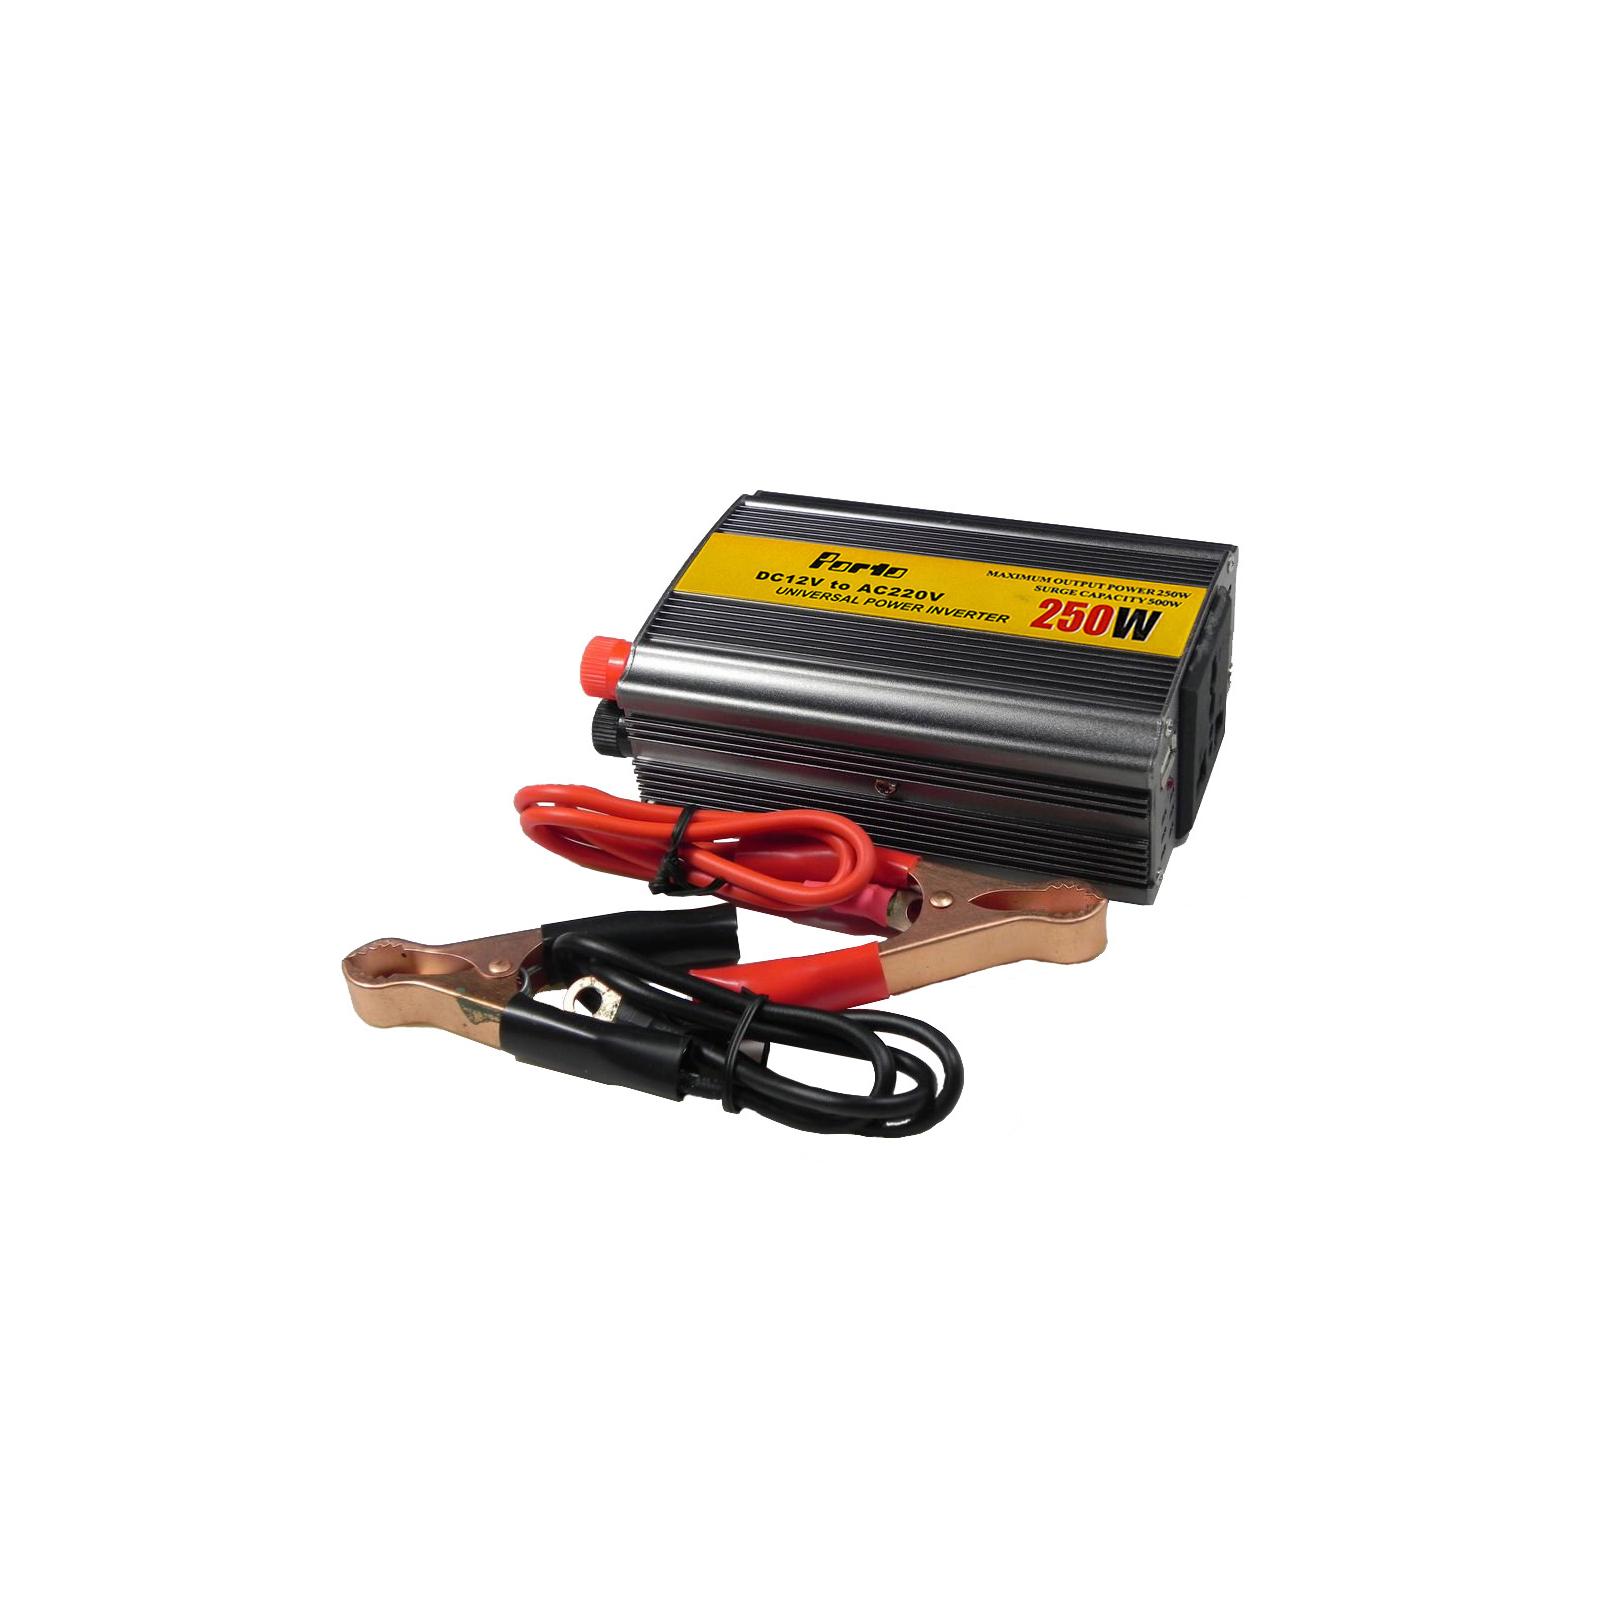 Автомобильный инвертор 12V/220V 250W, USB Porto (MND-250) изображение 5